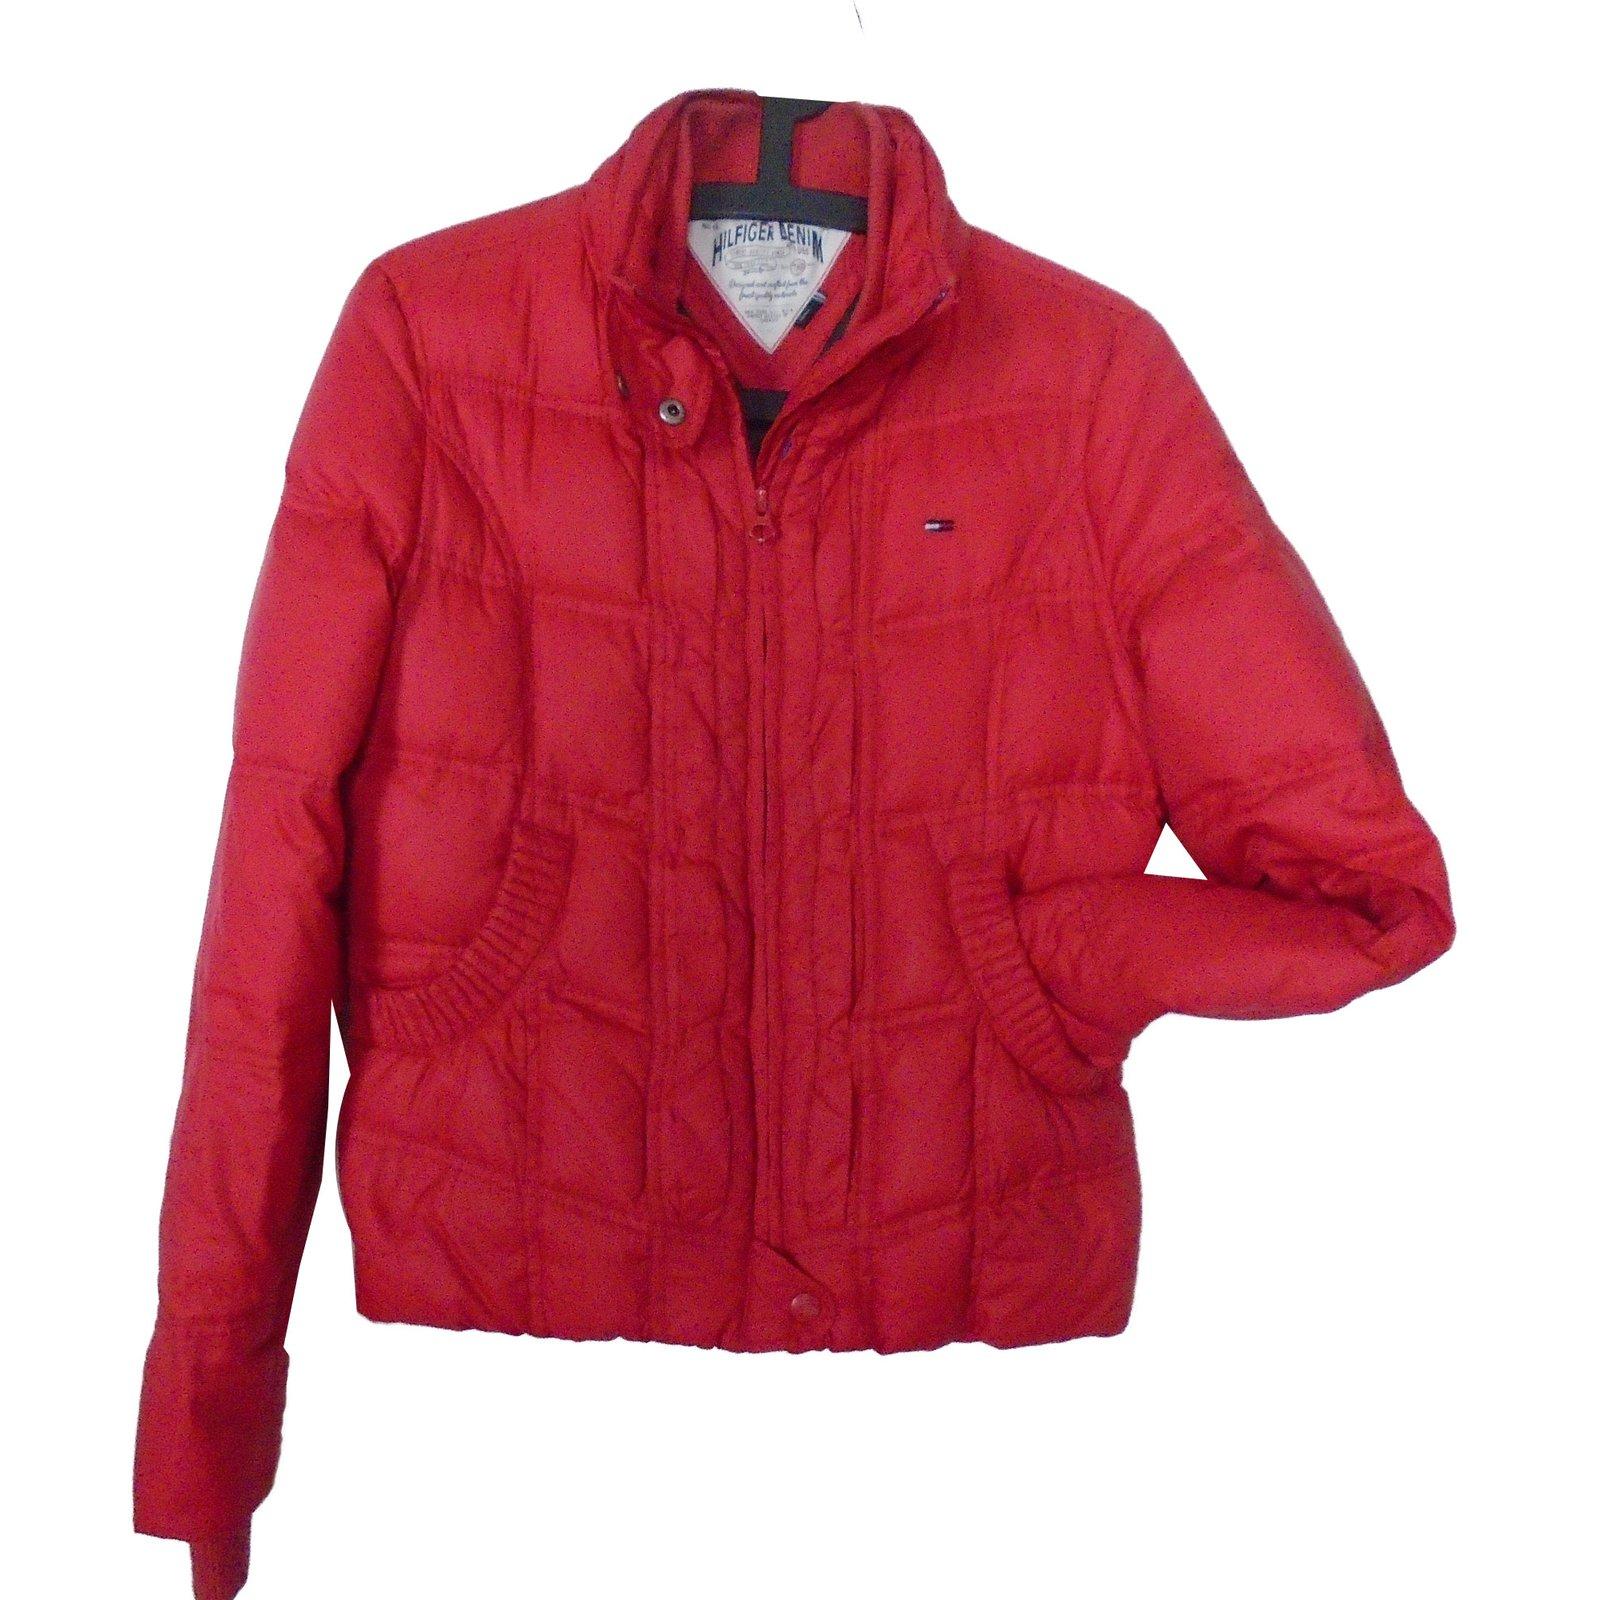 manteaux tommy hilfiger manteaux polyester rouge. Black Bedroom Furniture Sets. Home Design Ideas